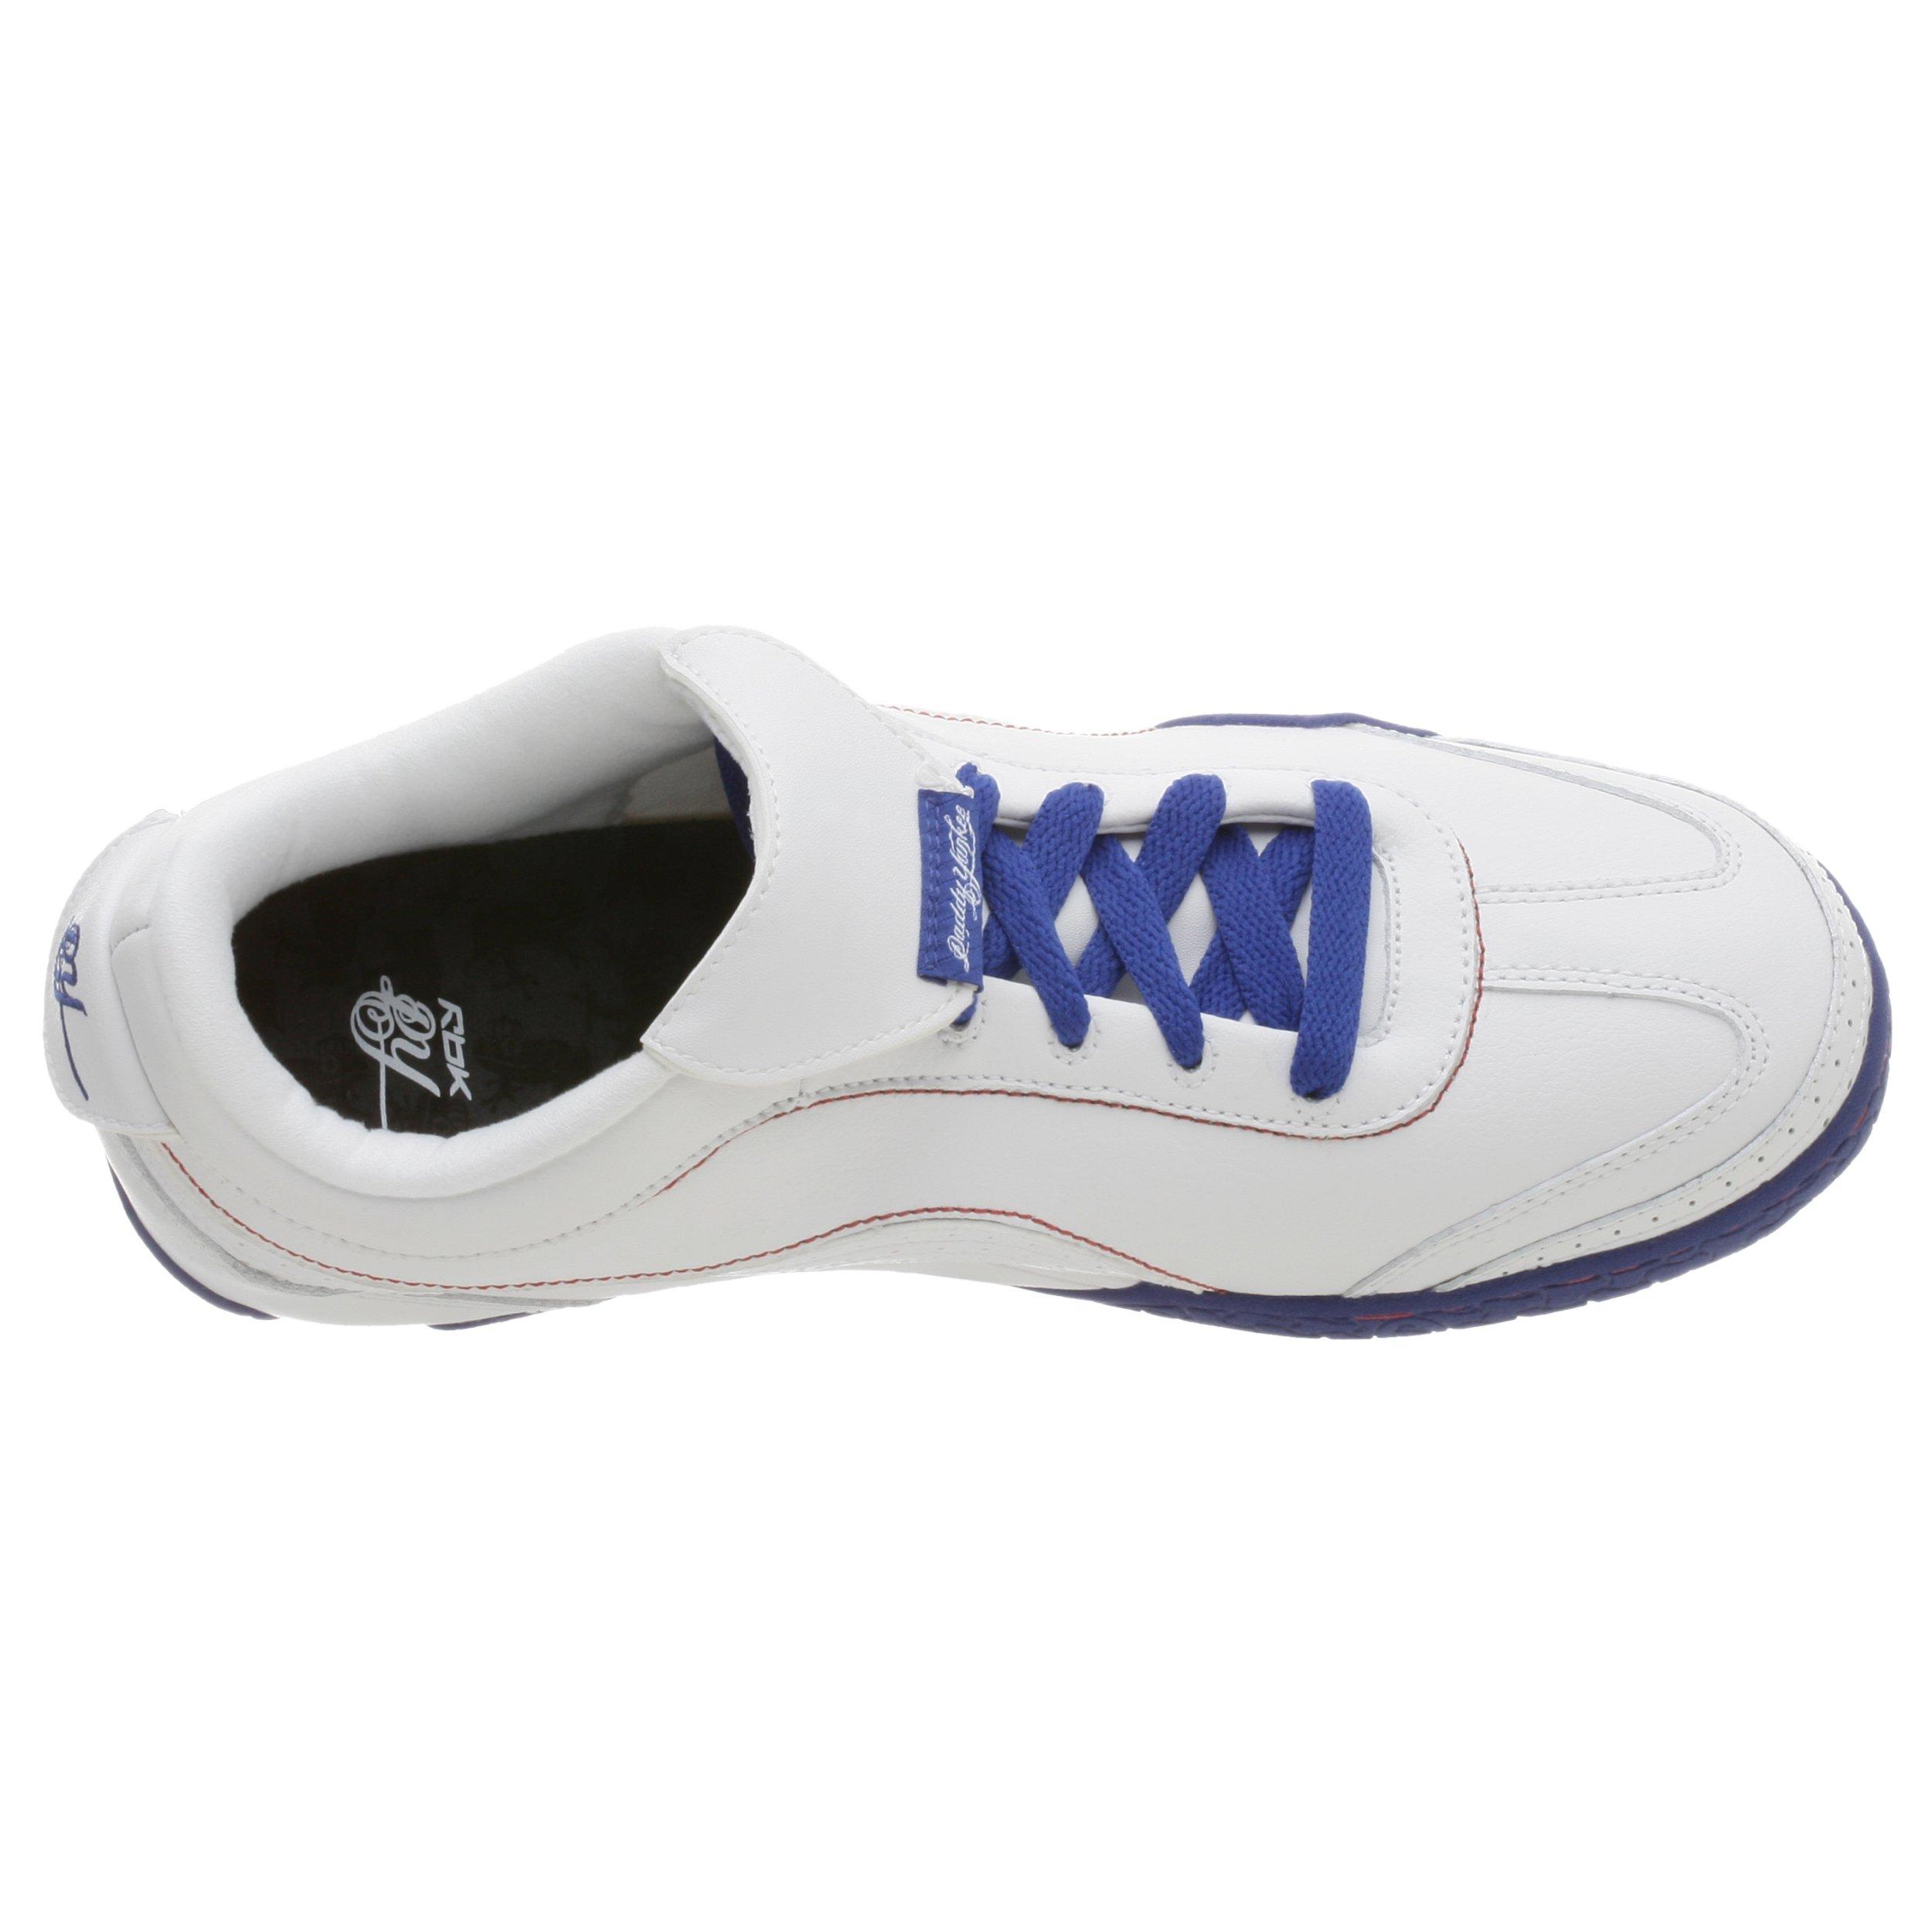 Reebok Mens Daddy Yankee Sneaker- Buy